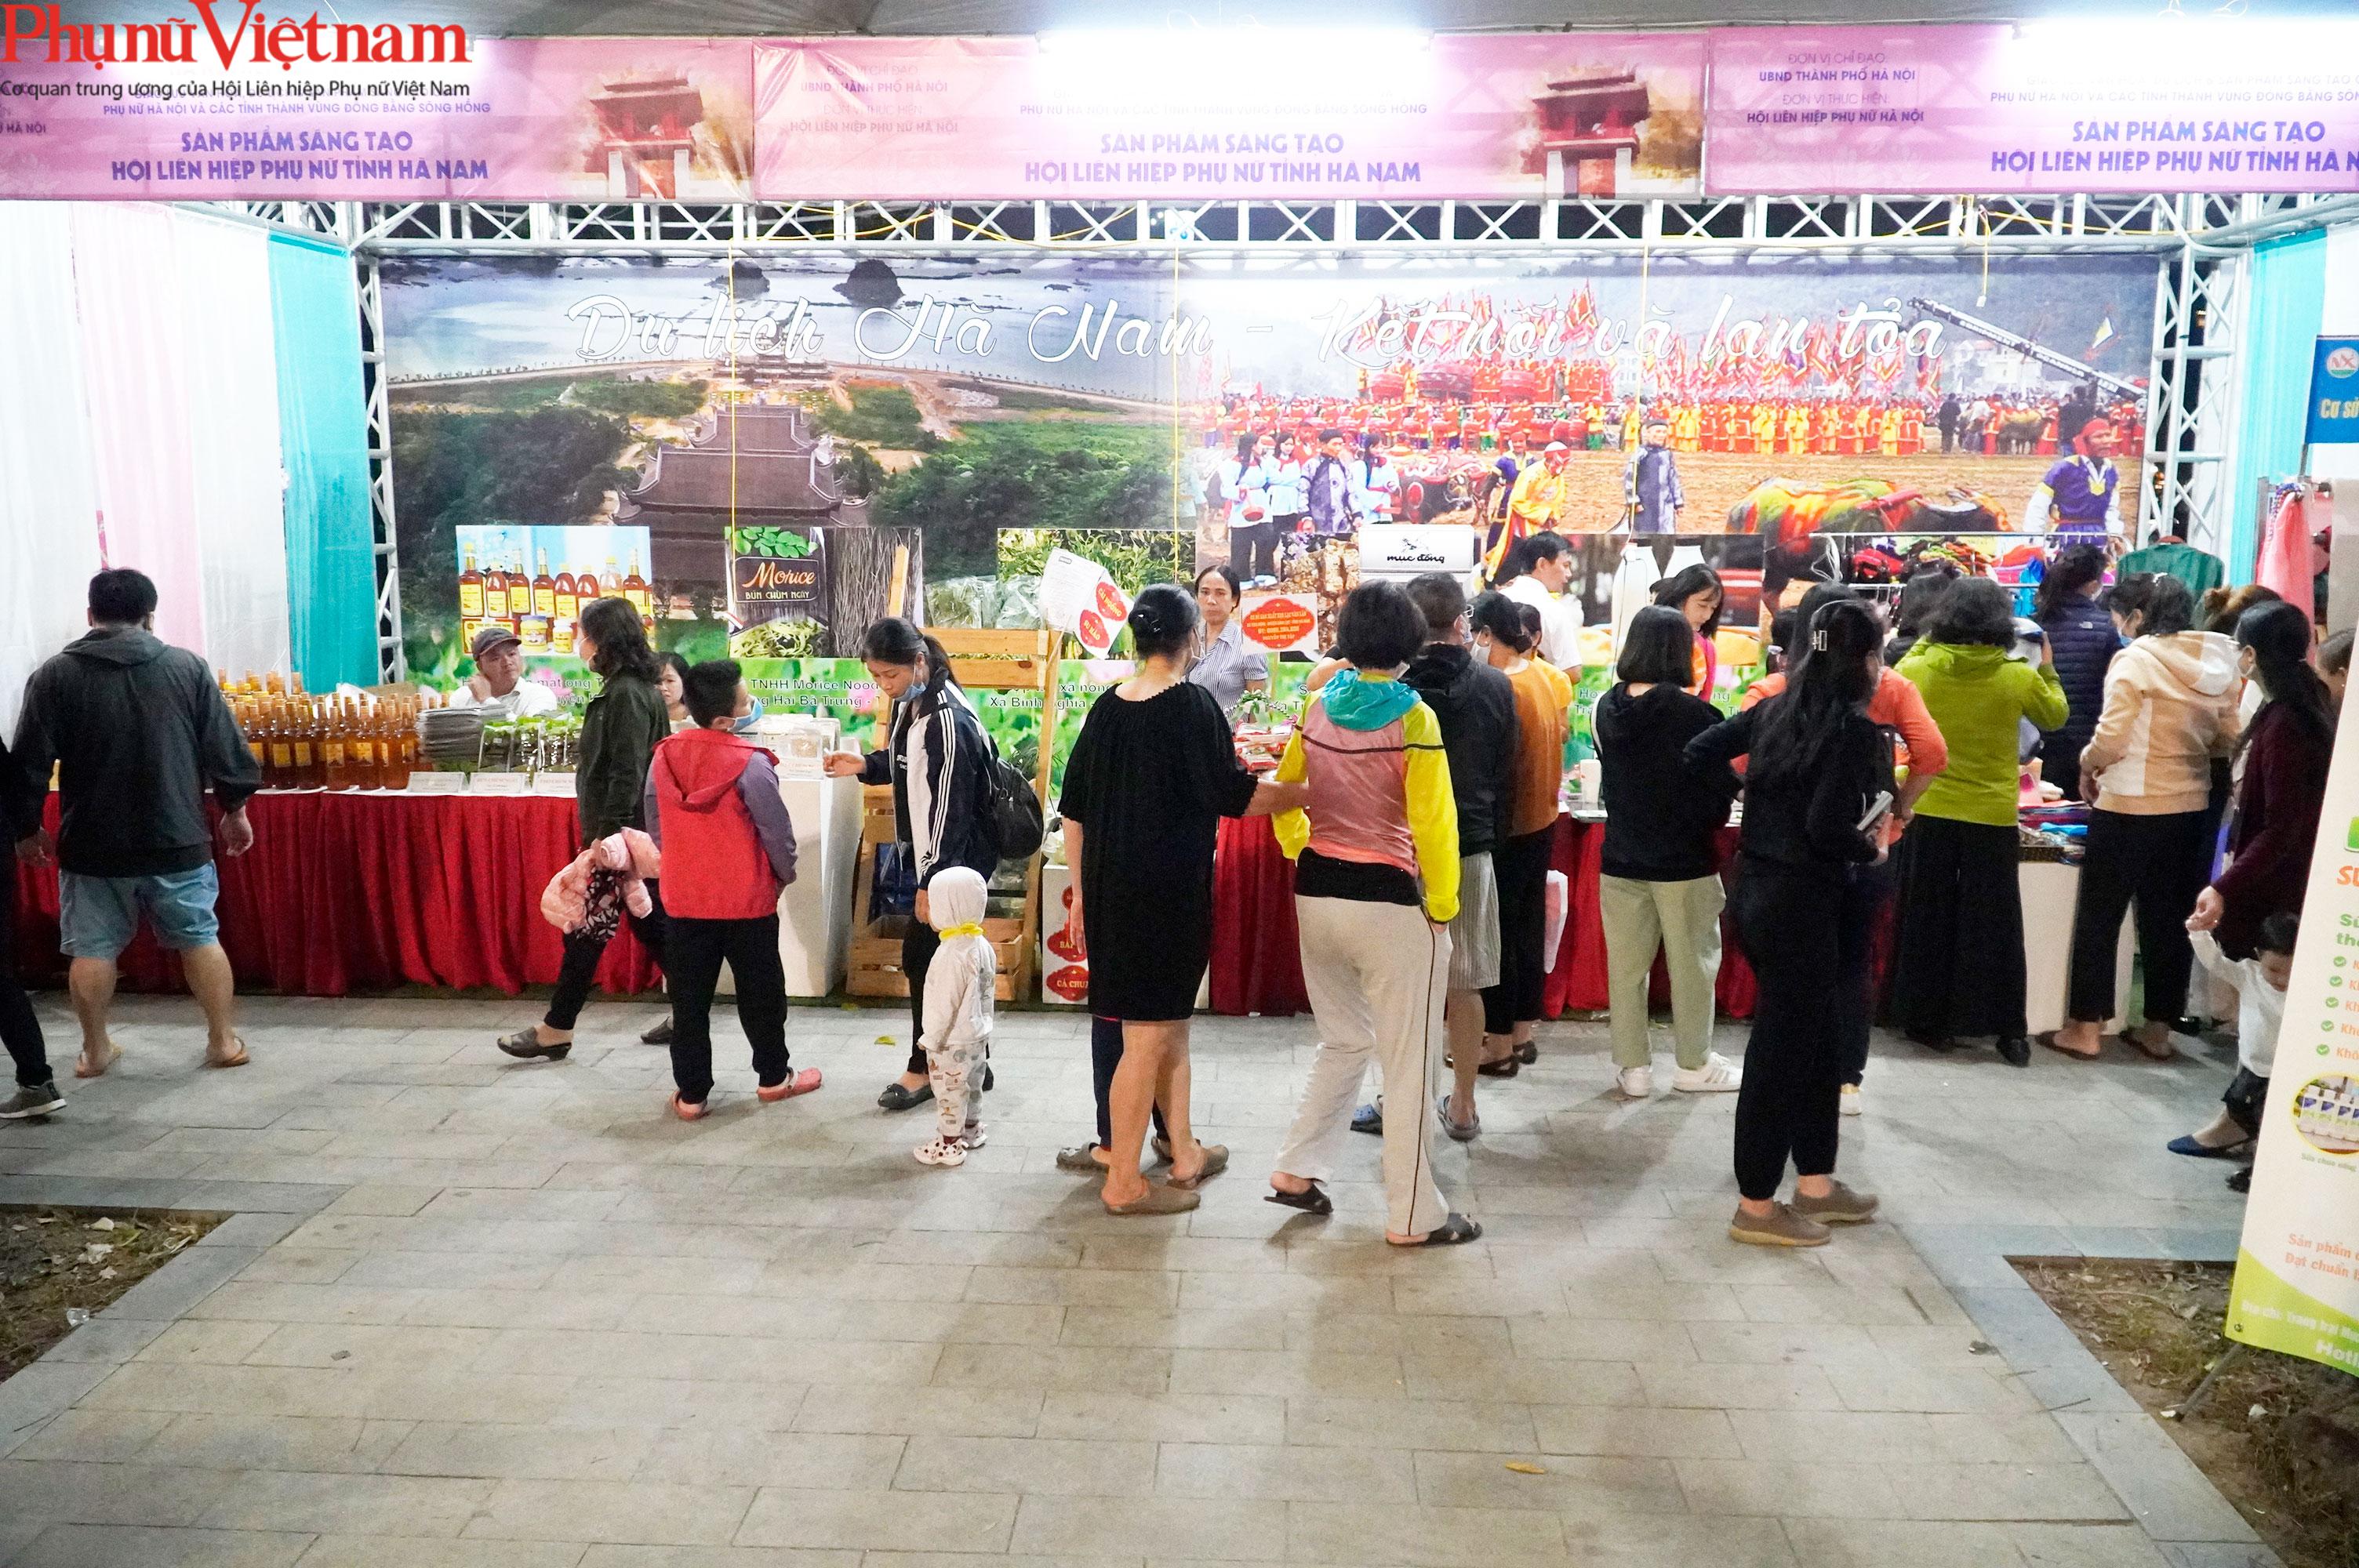 Phụ nữ Hà Nội giao lưu văn hóa, du lịch và sản phẩm sáng tạo với các tỉnh thành thuộc Đồng bằng sông Hồng - Ảnh 11.